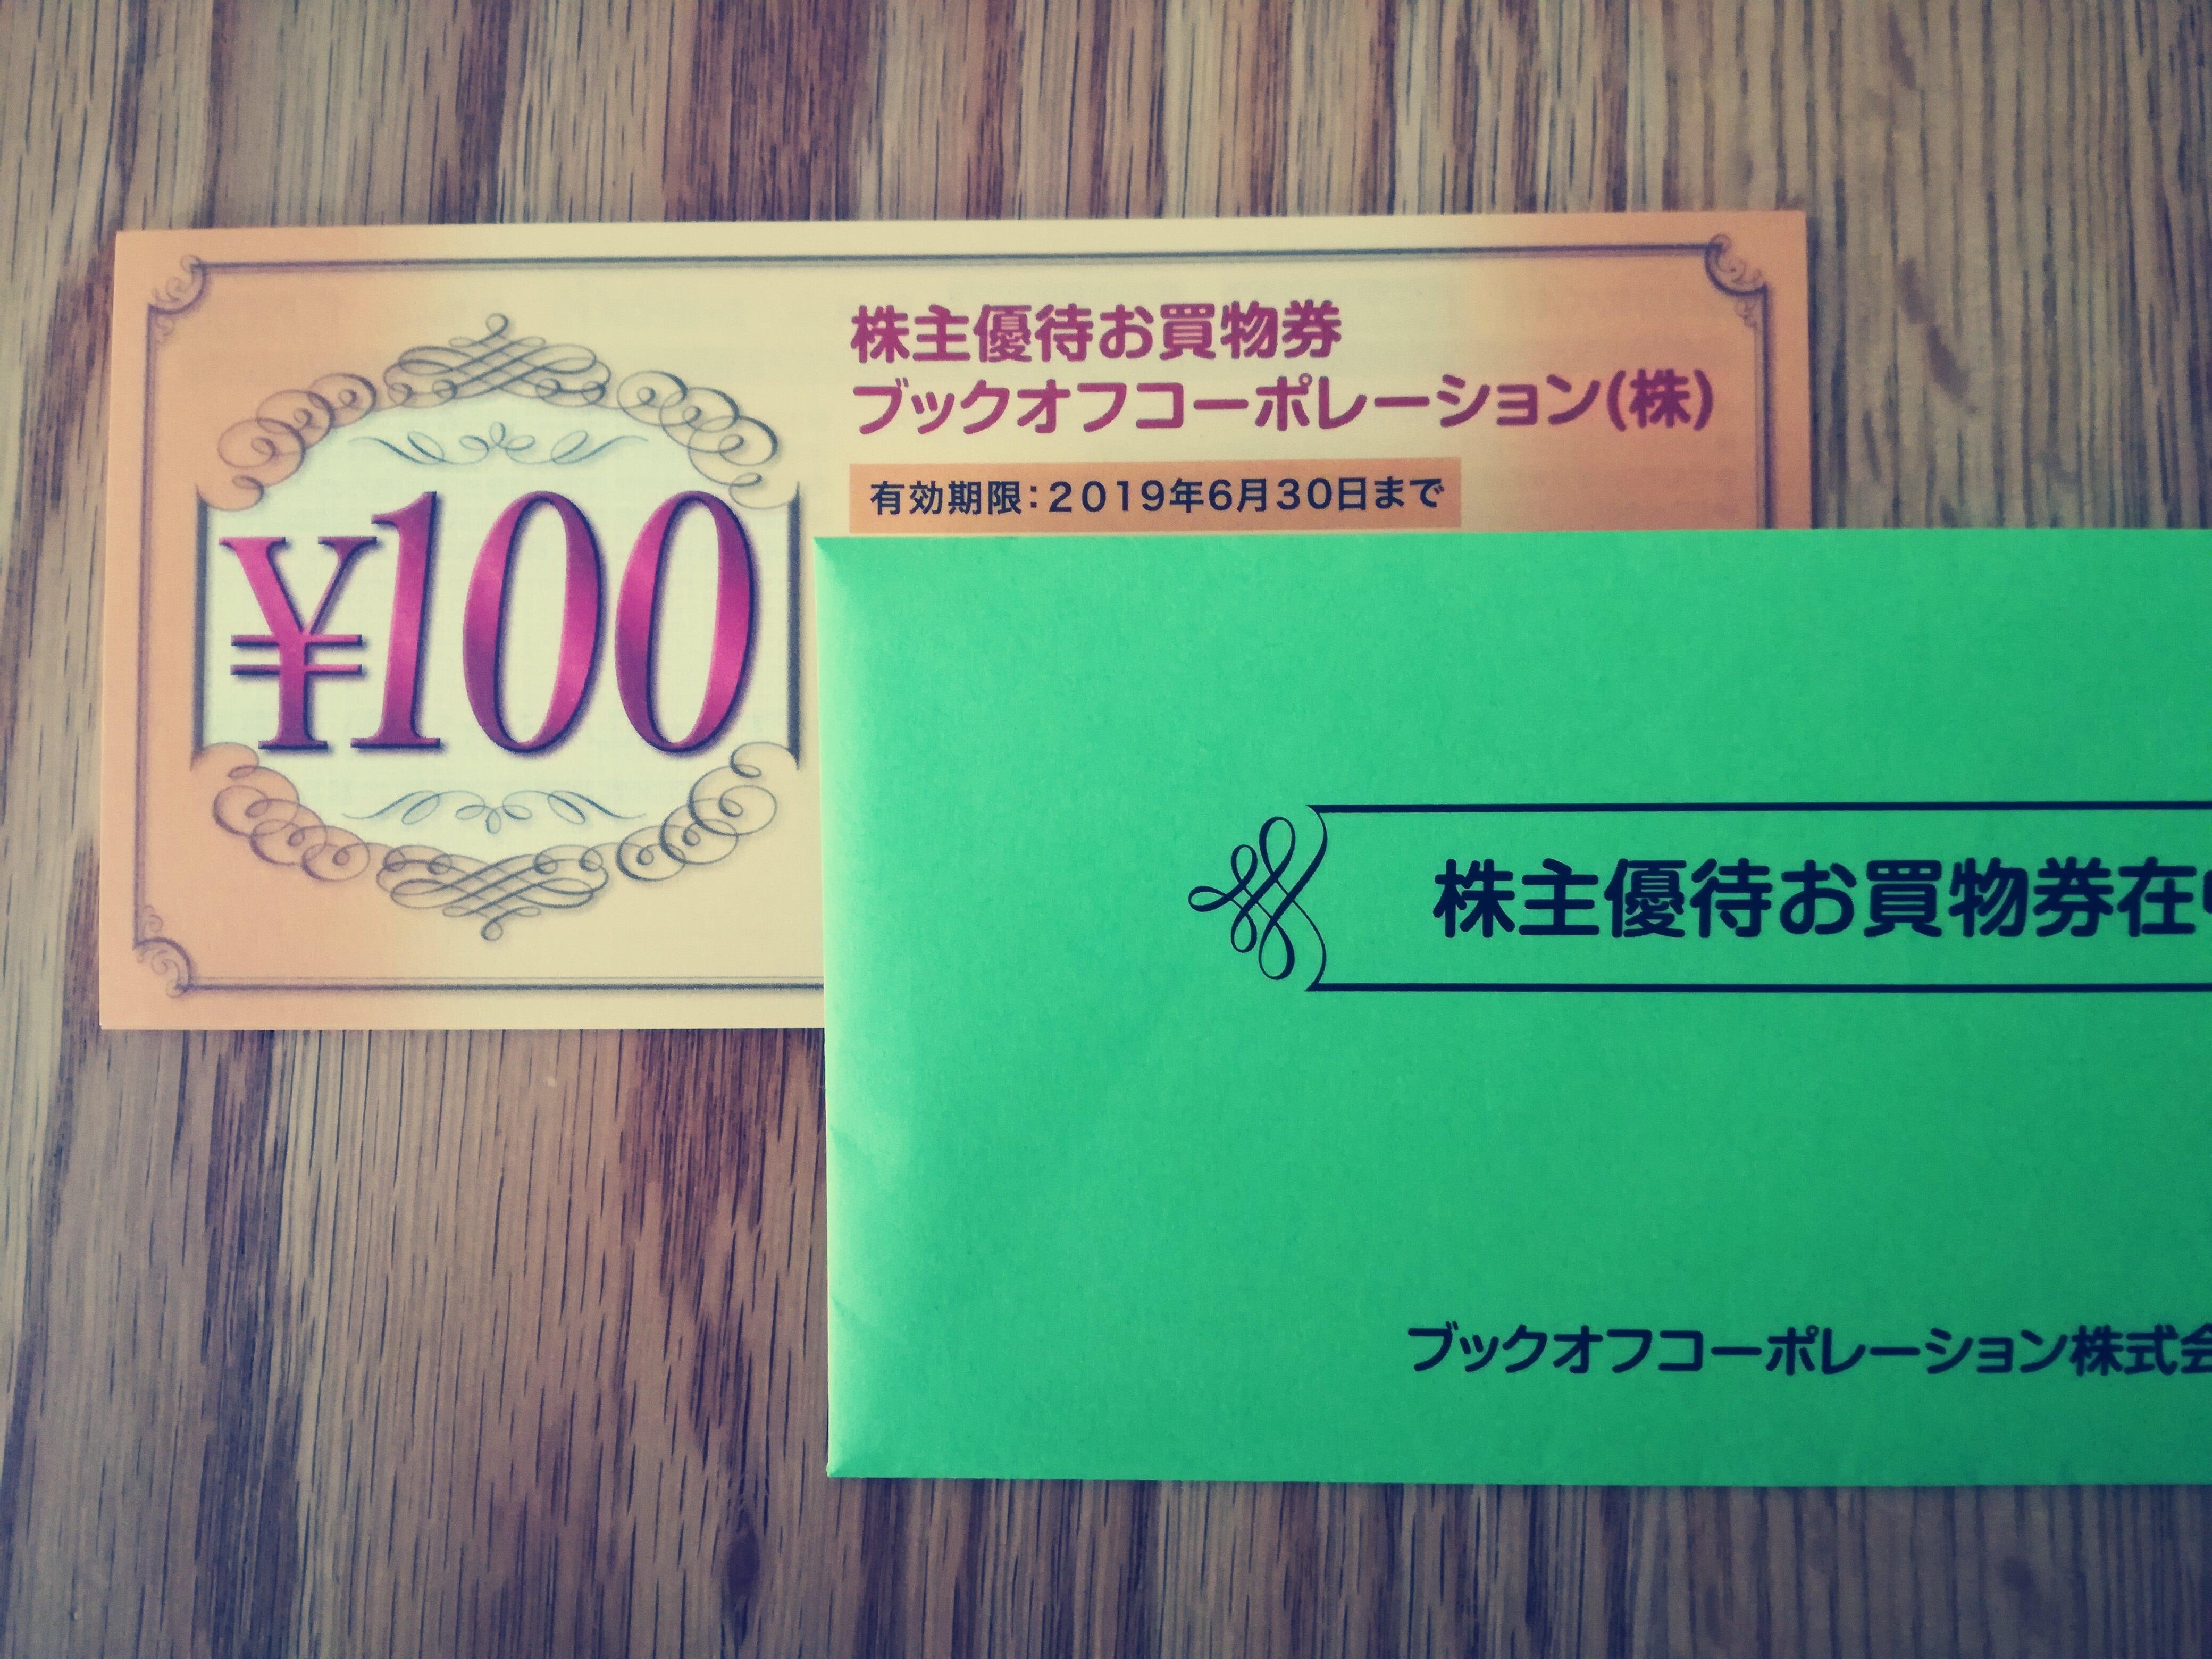 ブックオフコーポレーション(3313)の株主優待券2,000円分が到着!子どものマンガ購入に使います!